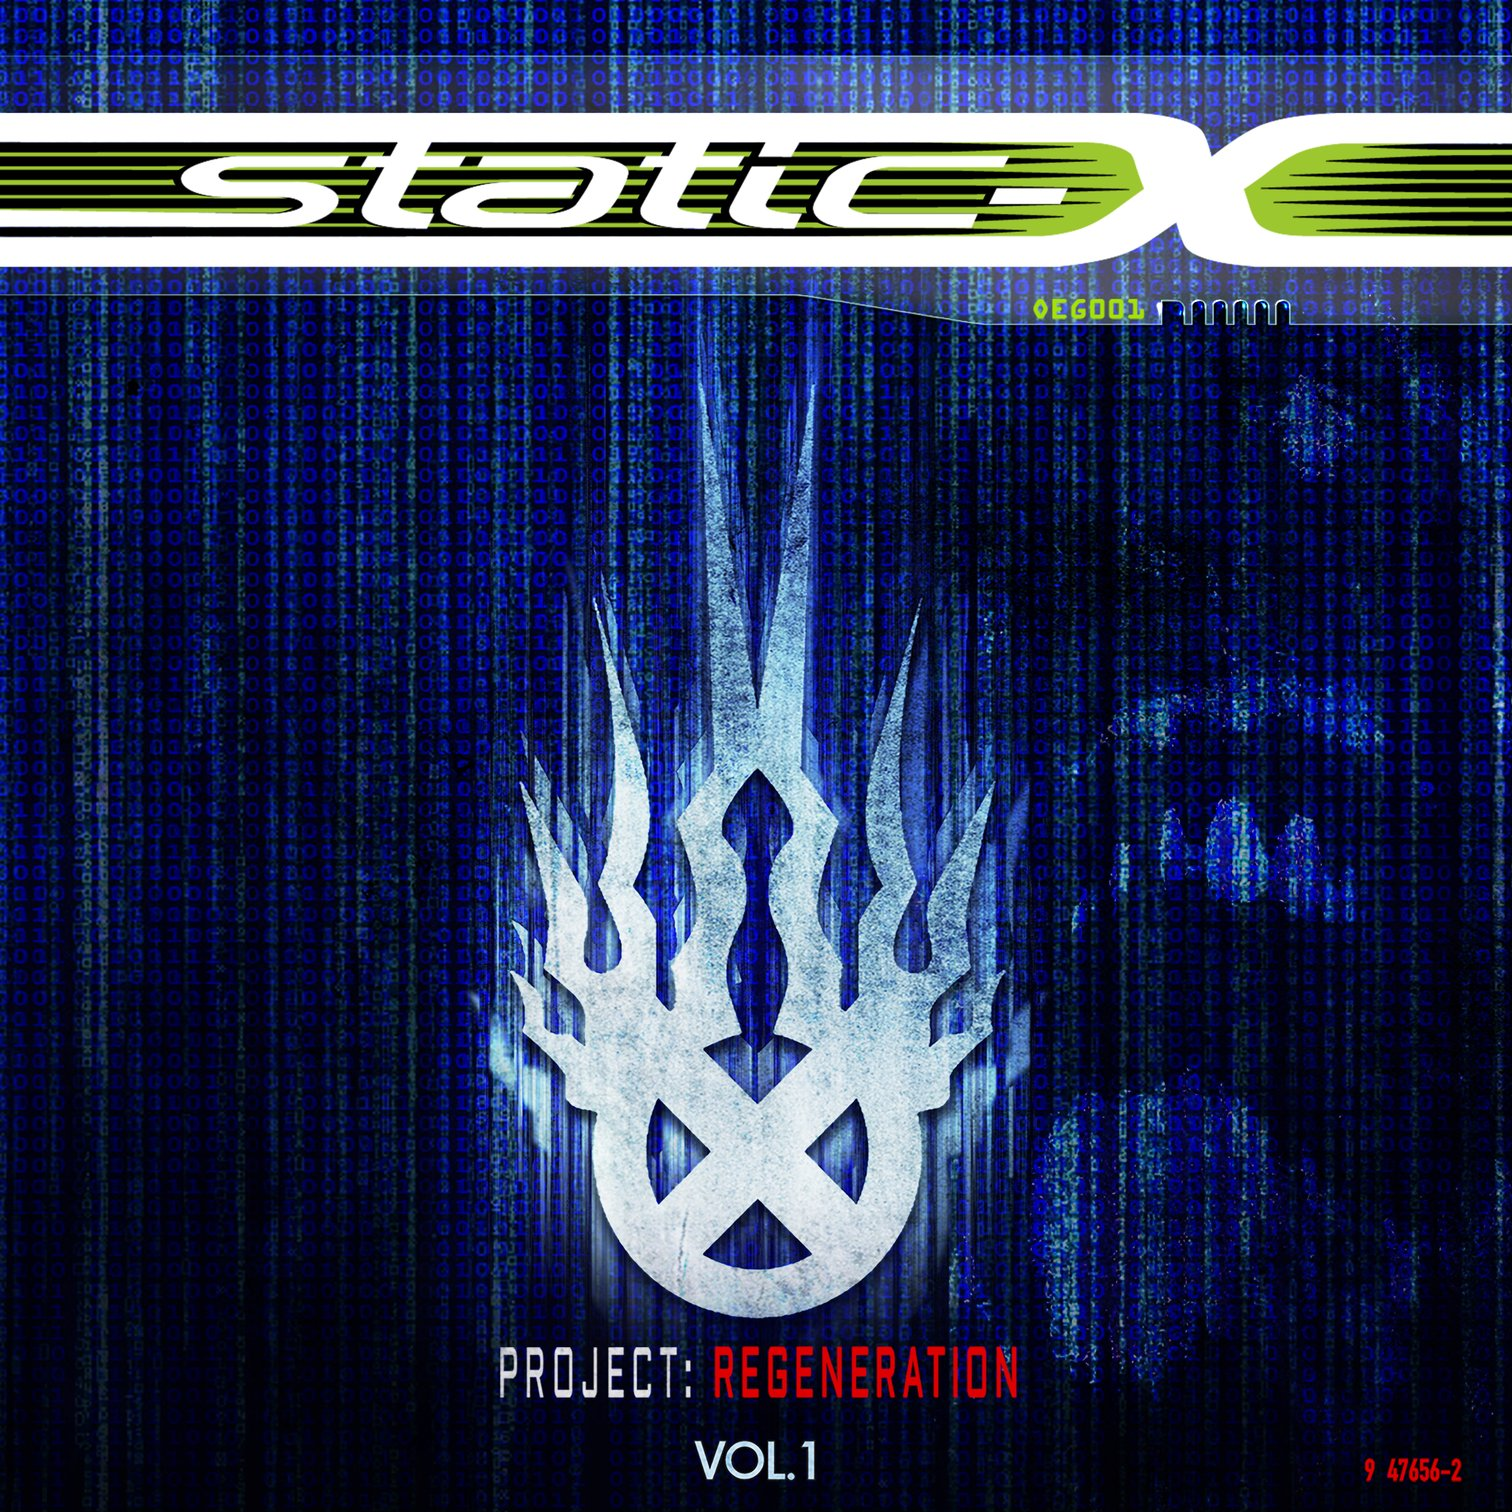 New Static-X album